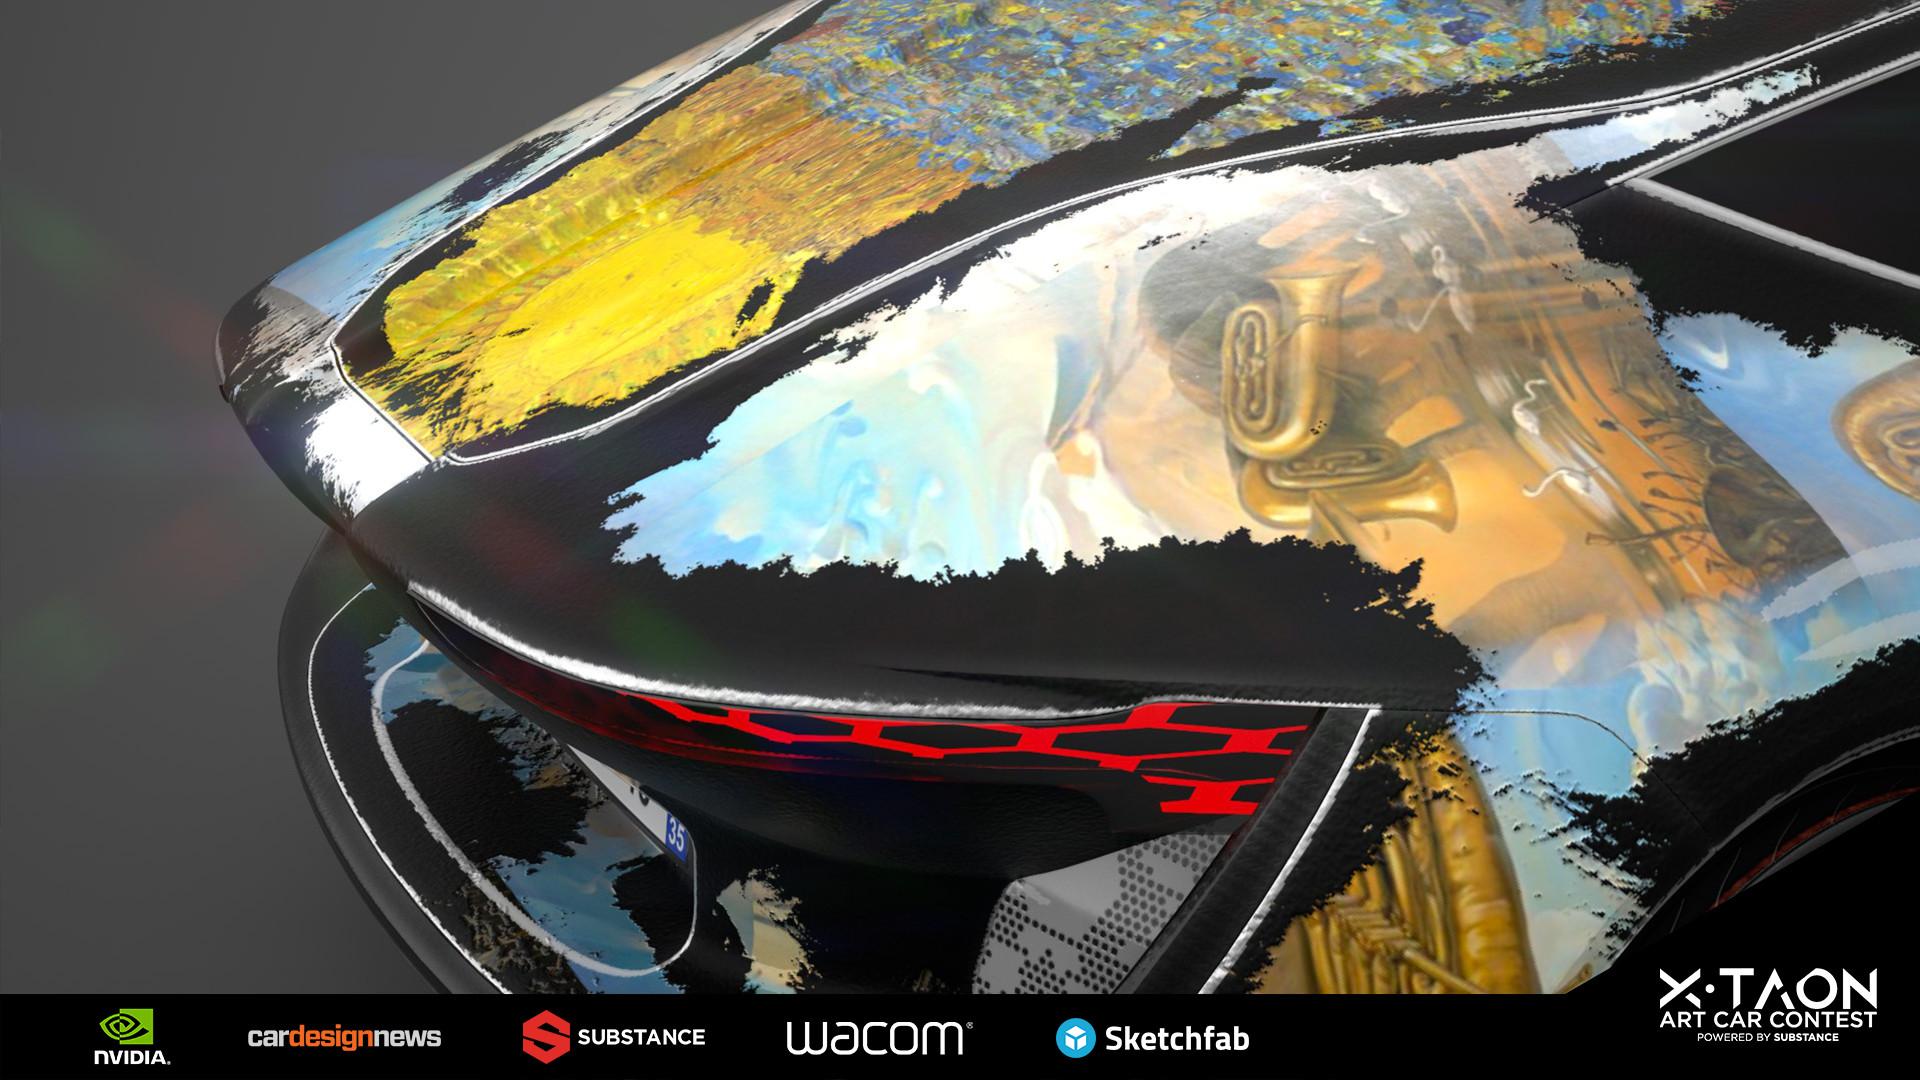 Van Gogh & Dalí